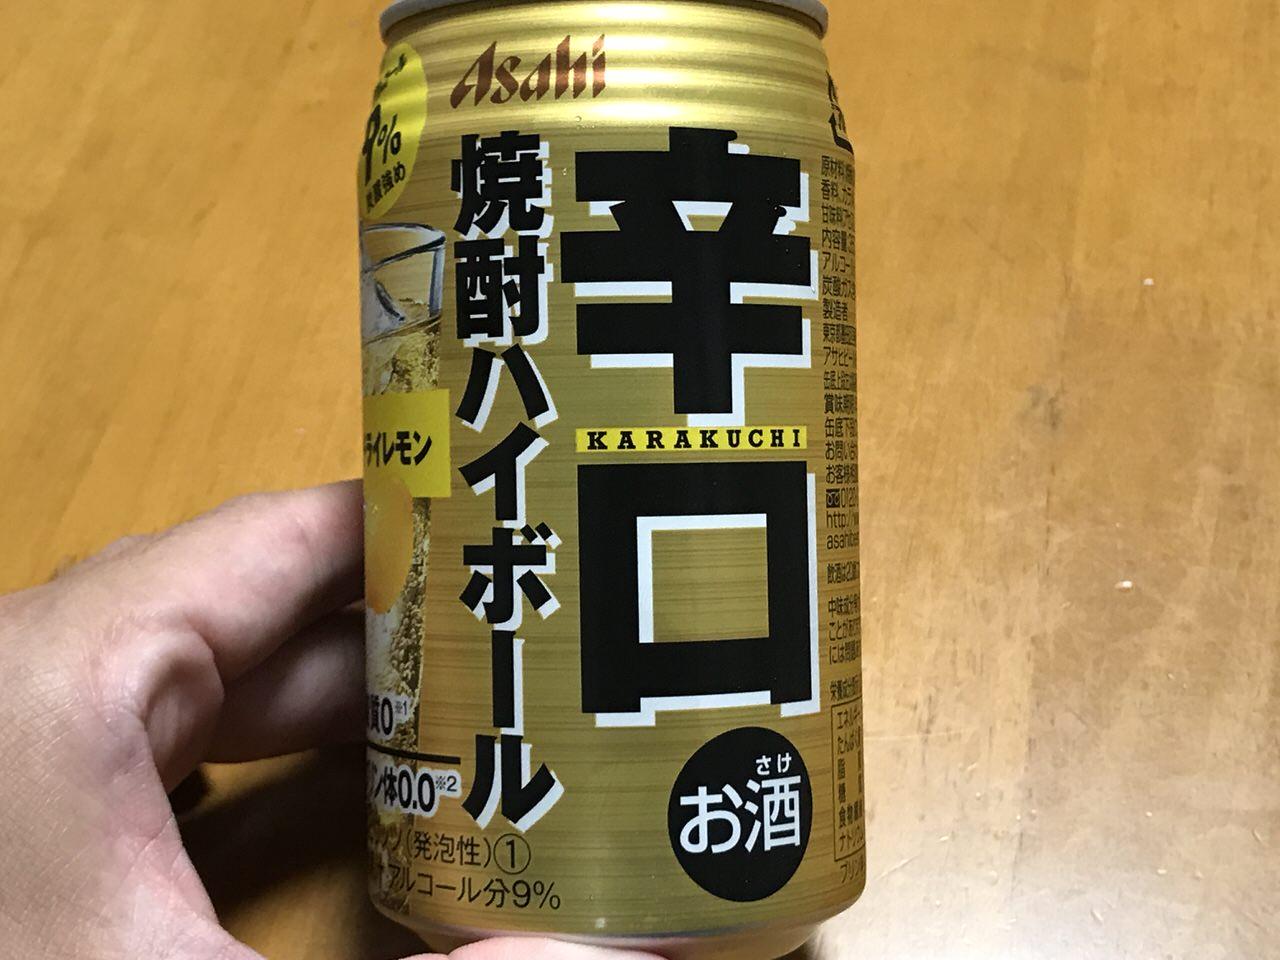 アサヒ「辛口焼酎ハイボール」安い上に焼酎ベースの良い缶チューハイ